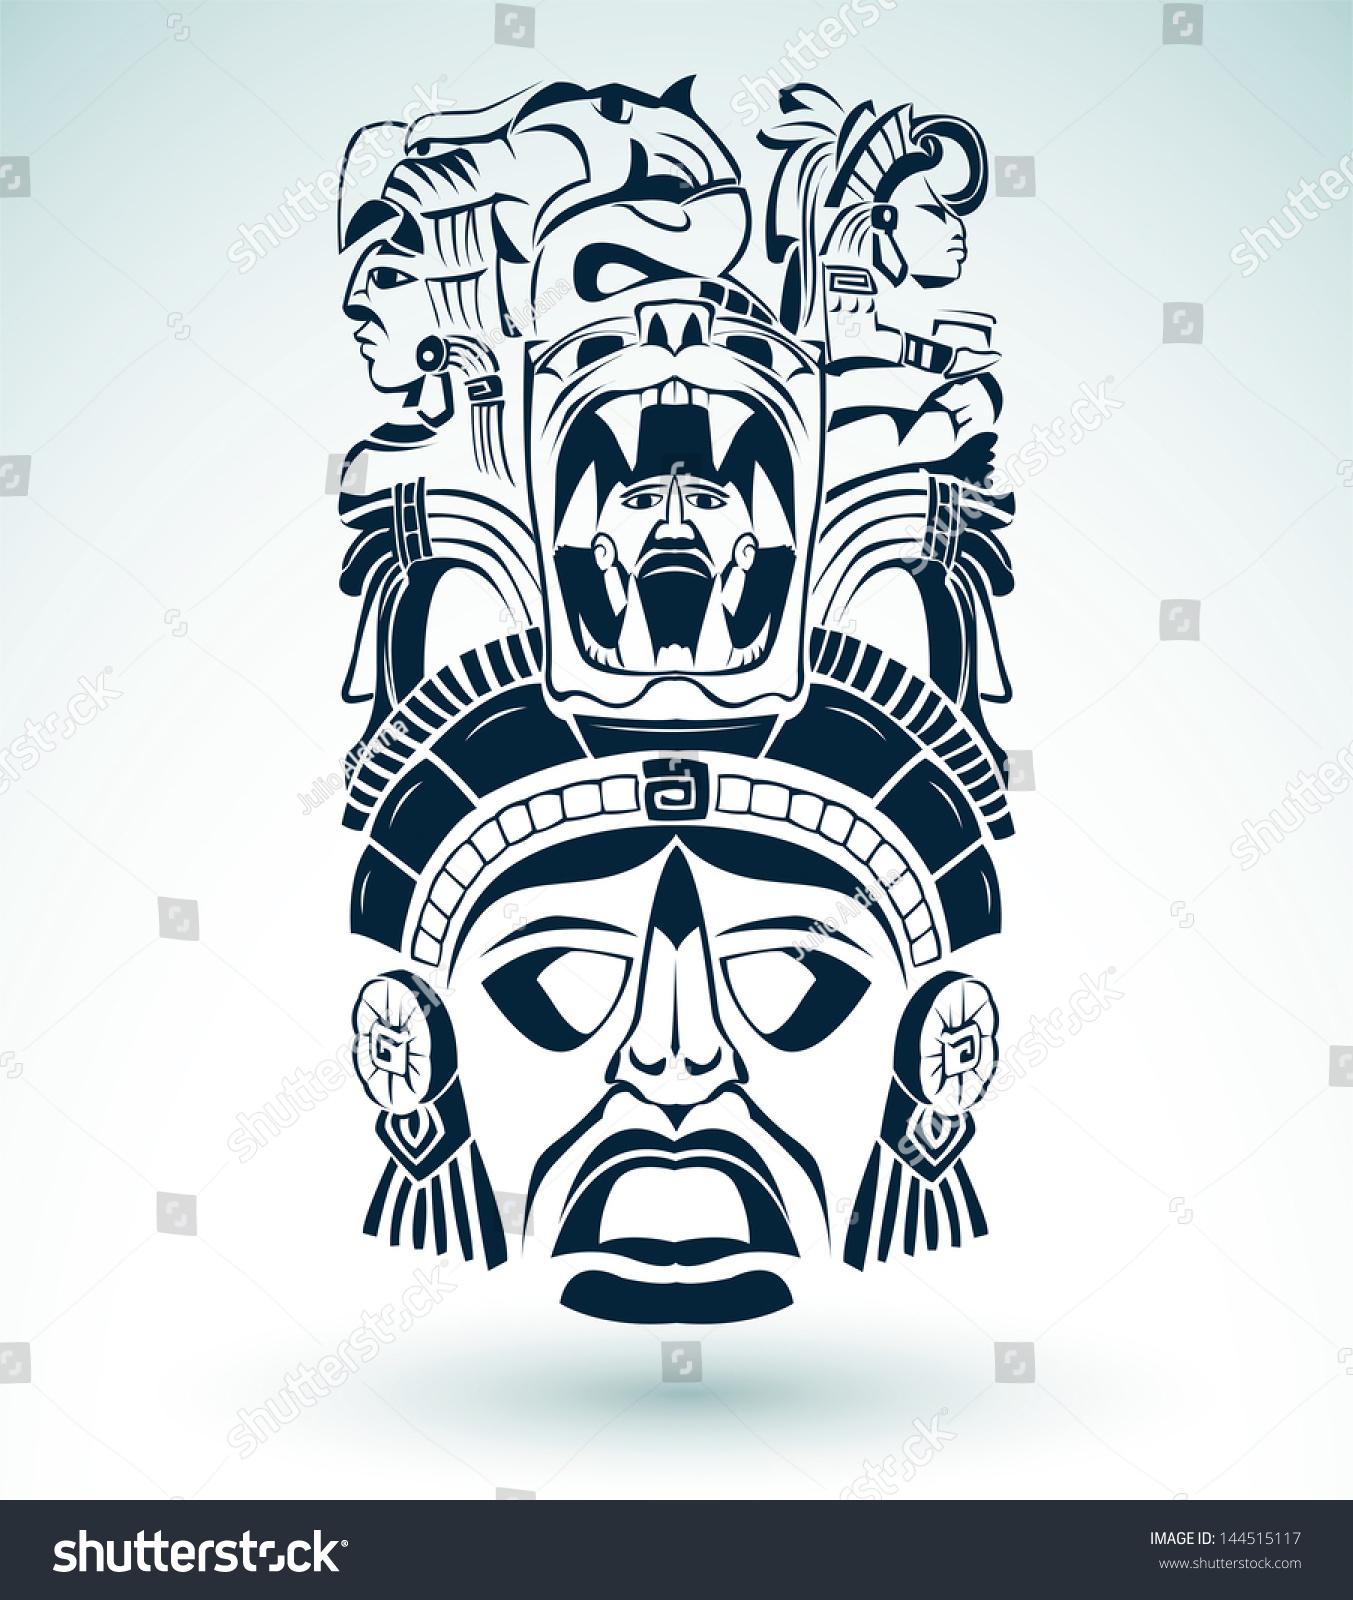 Vector Mask, Mexican Mayan - Aztec Motifs - Symbol - 144515117 ...